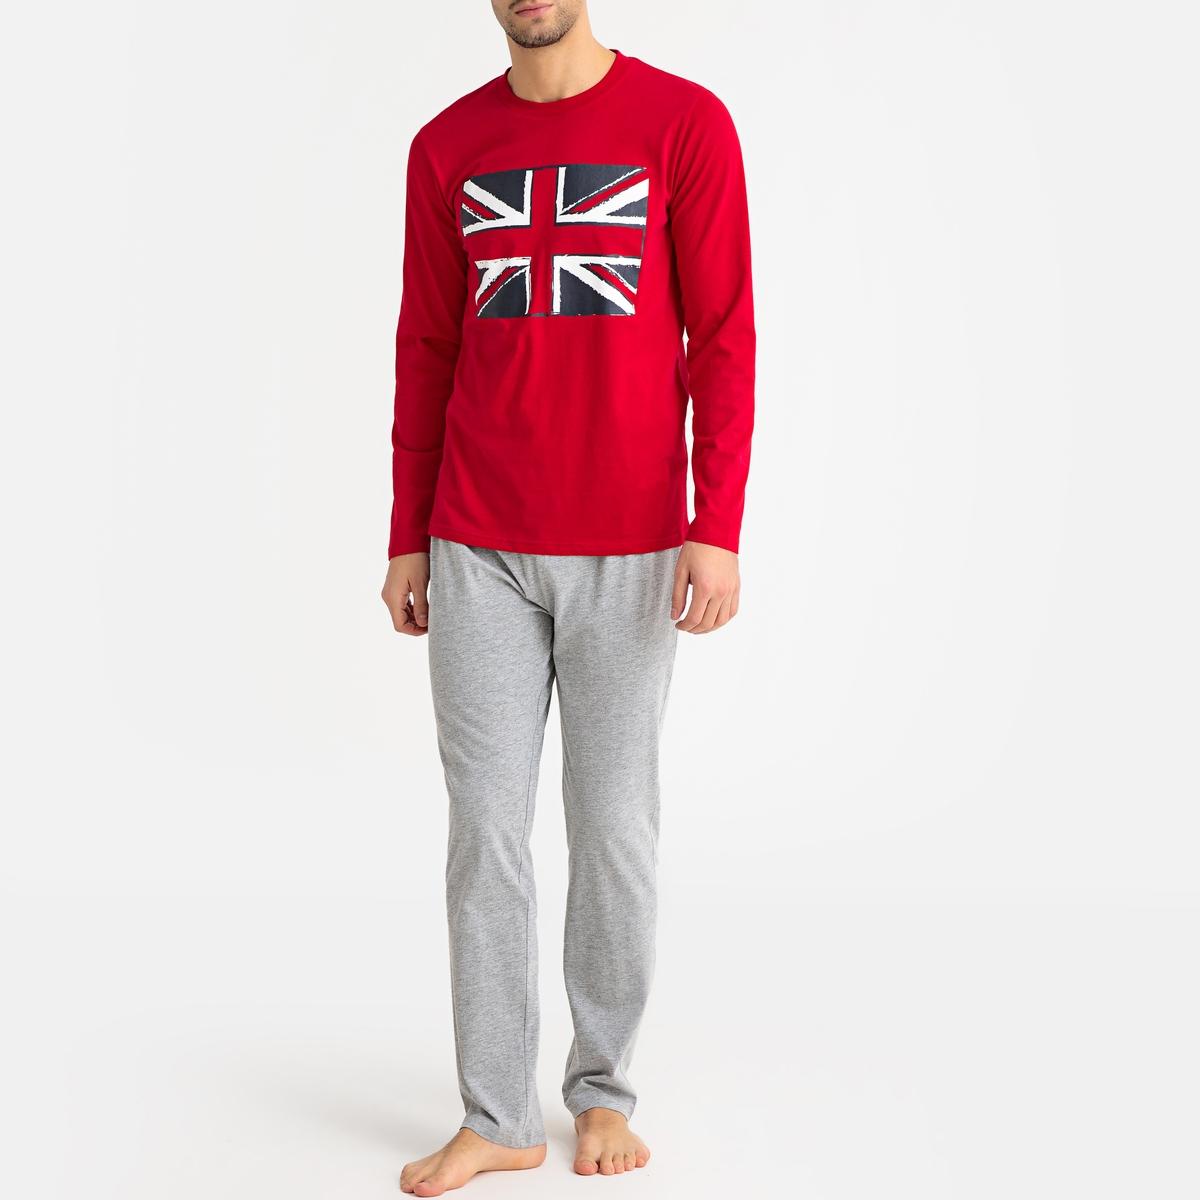 Pijama Union Jack de mangas compridas